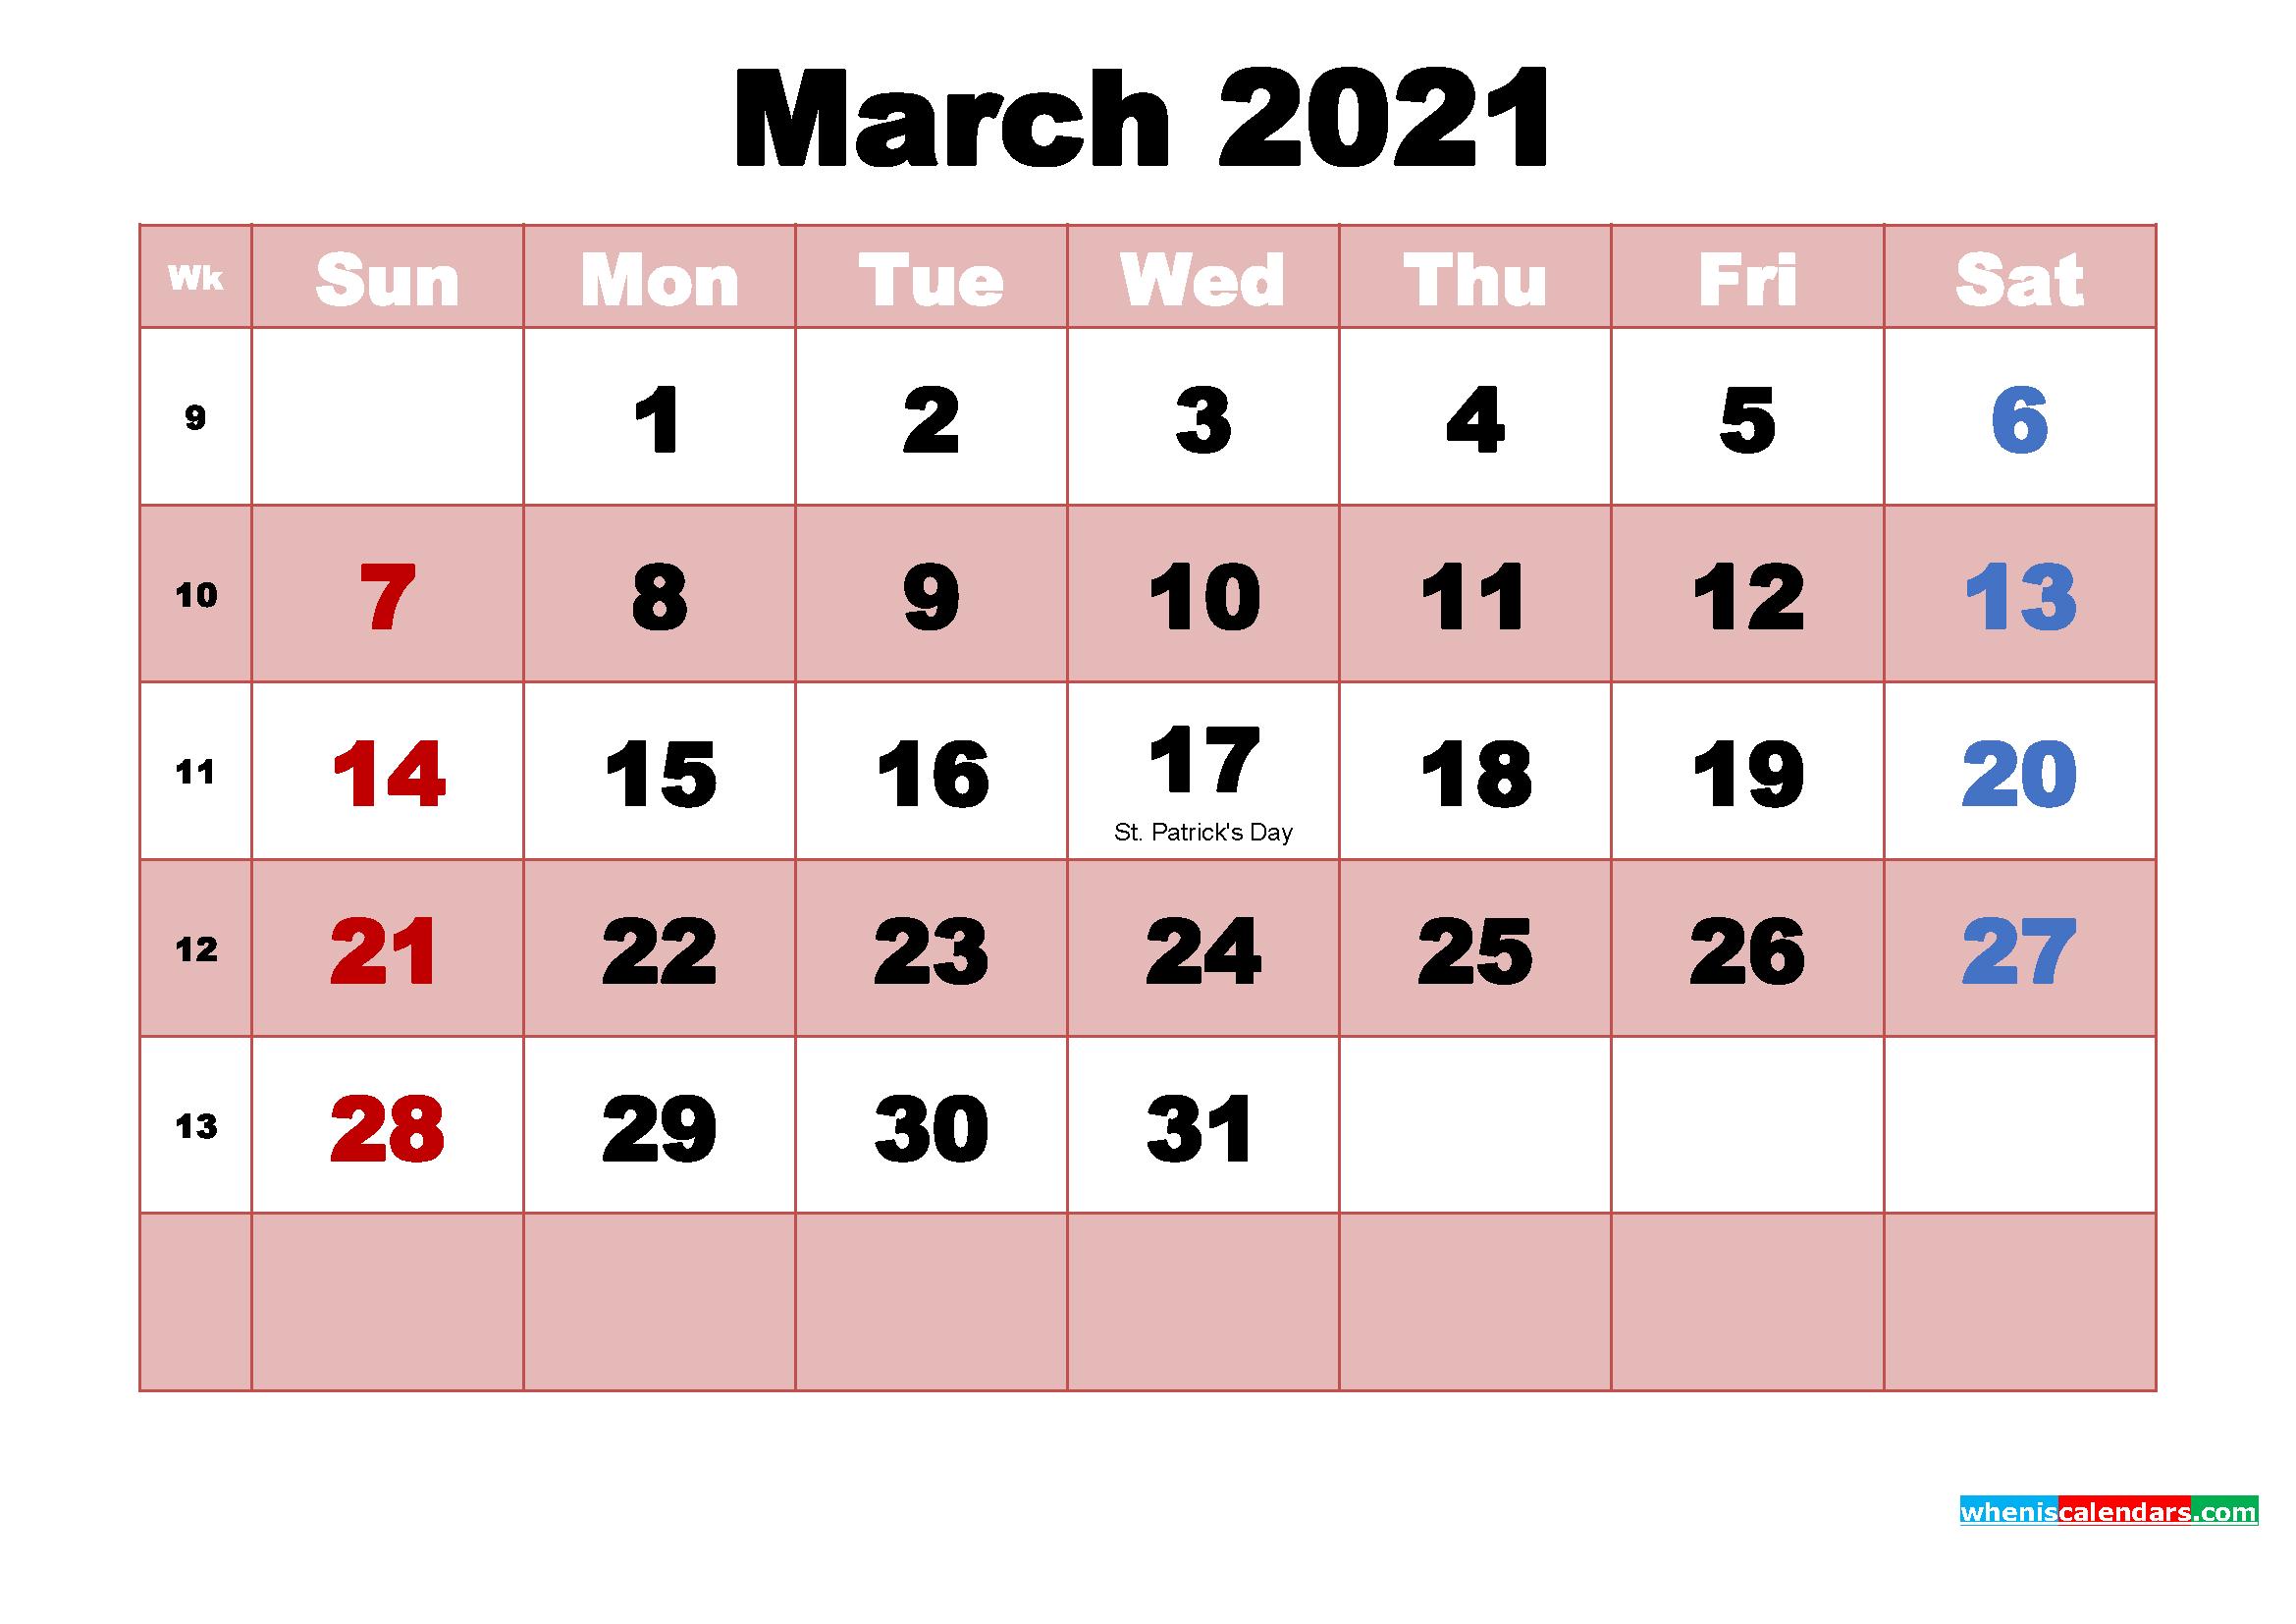 March 2021 Desktop Calendar Free March 2021 Desktop Calendar High Resolution – Free 2020 and